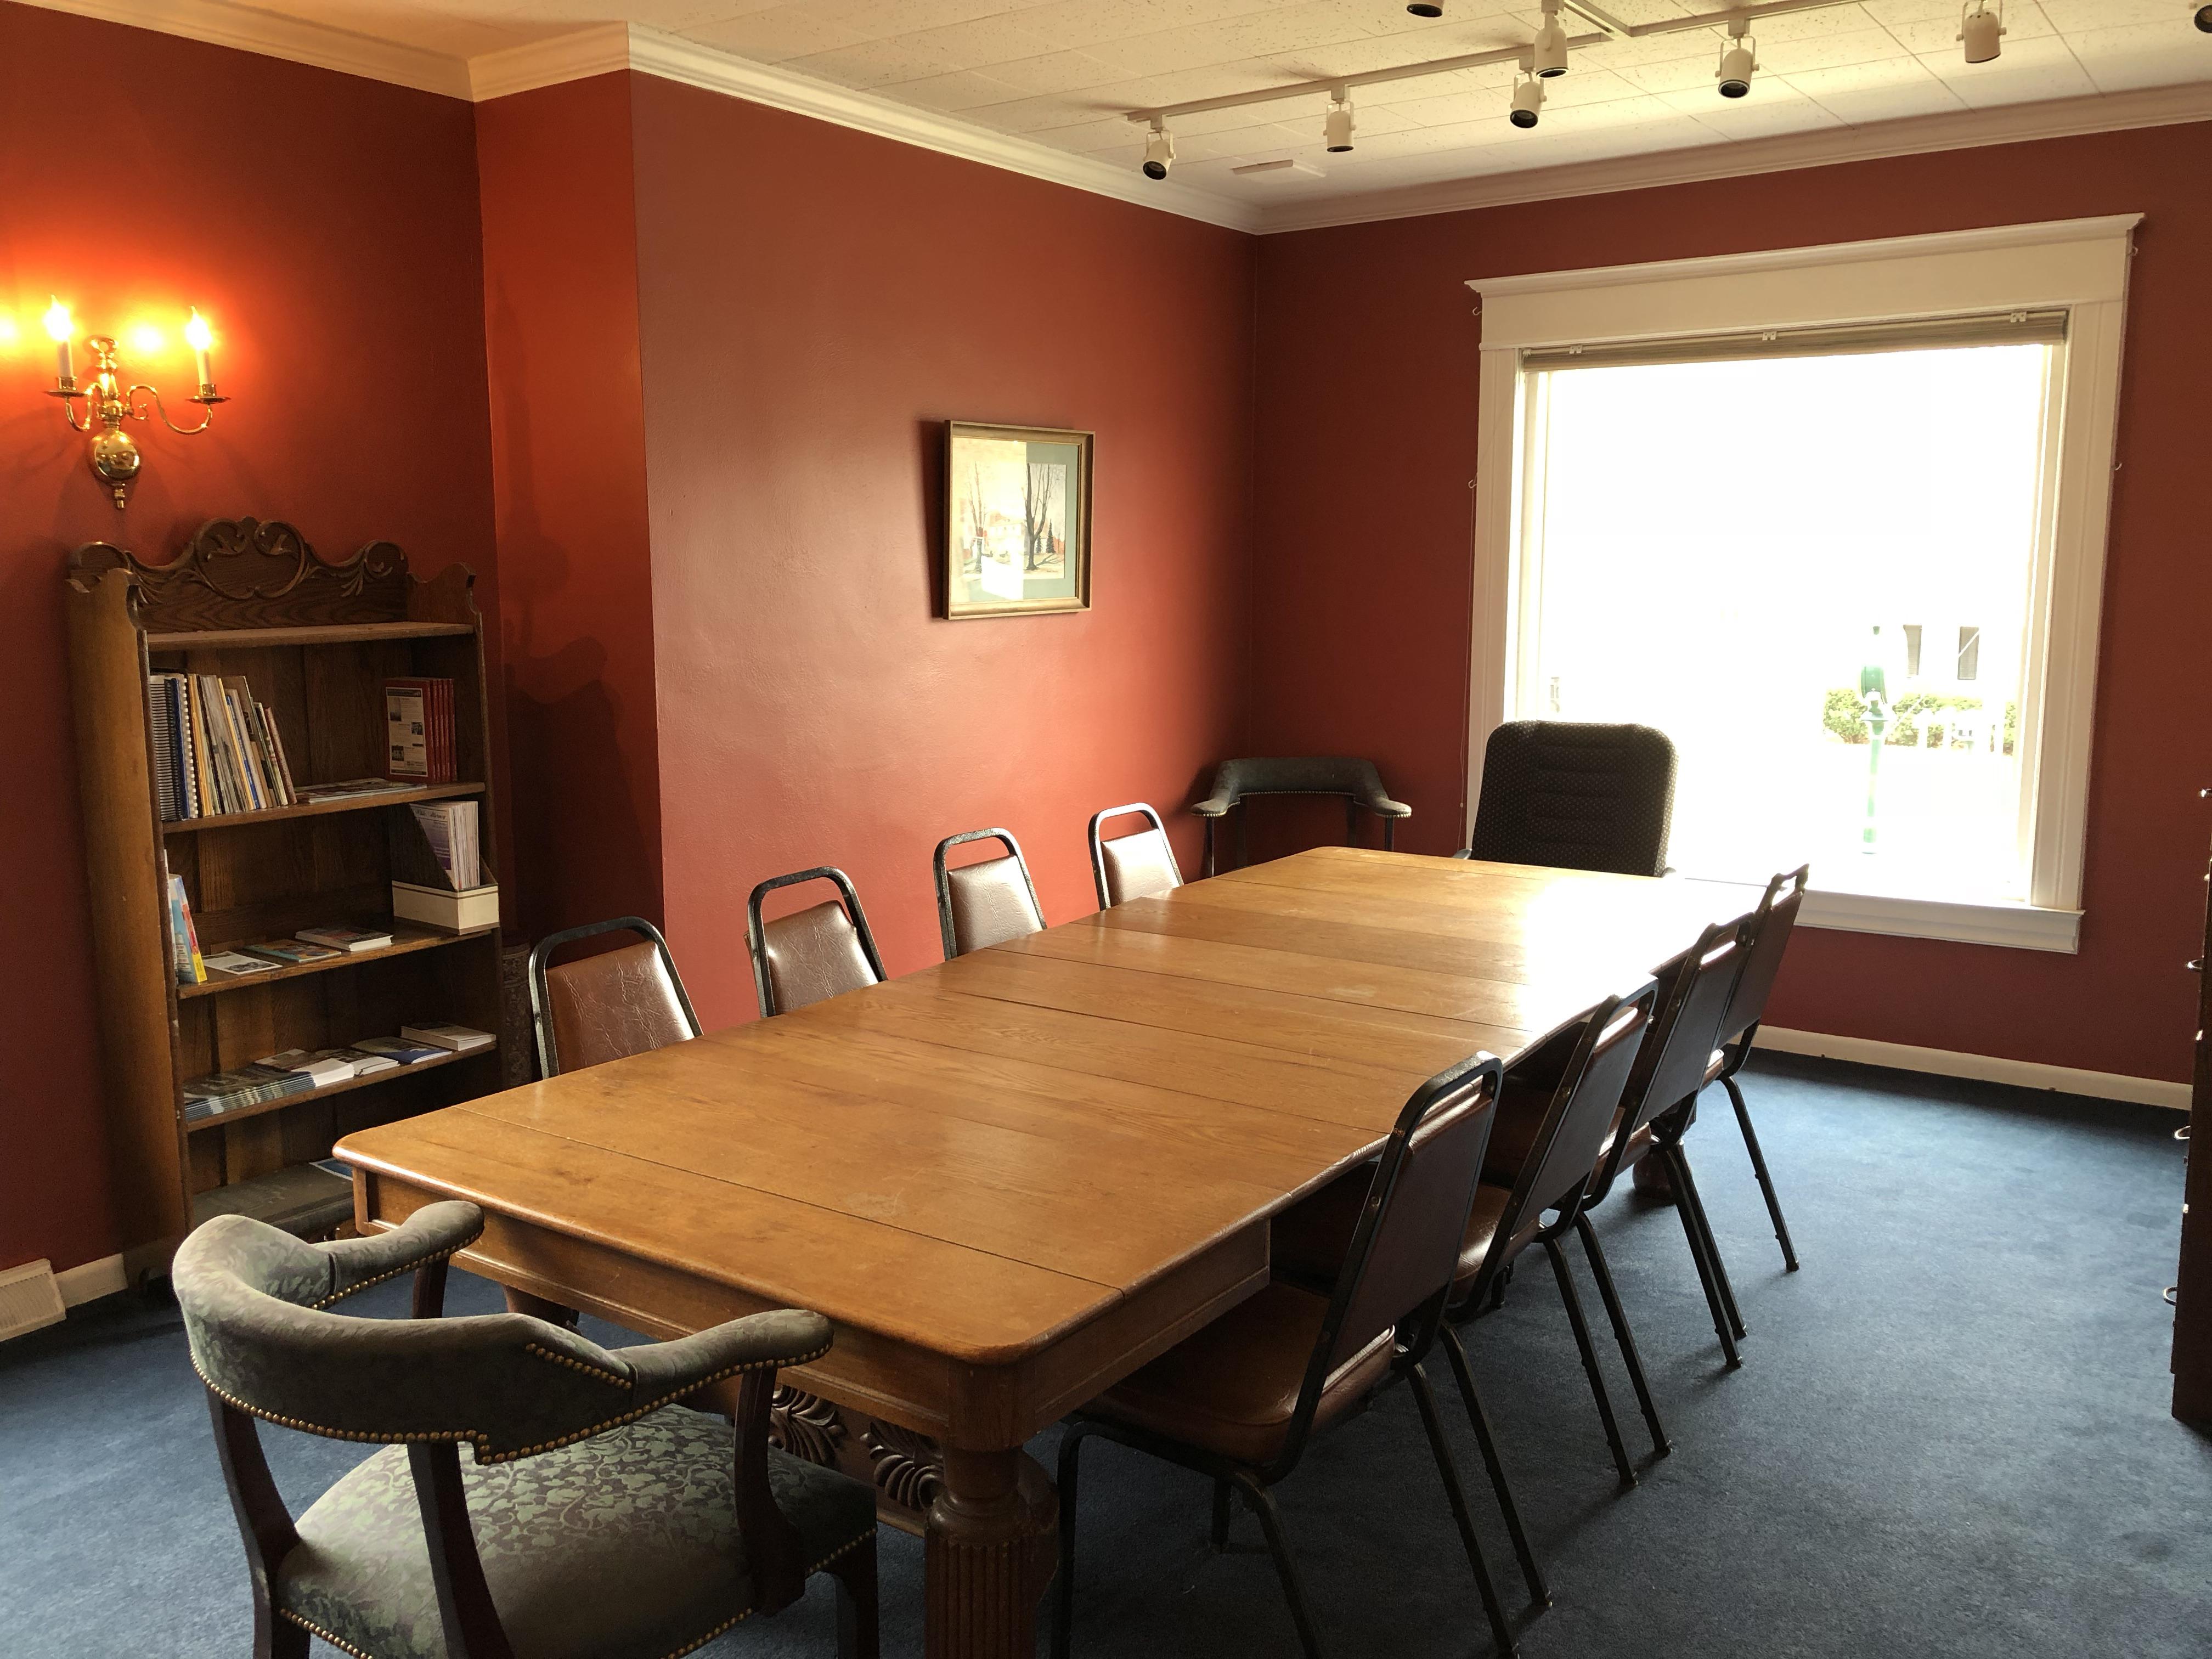 KJ House Boardroom